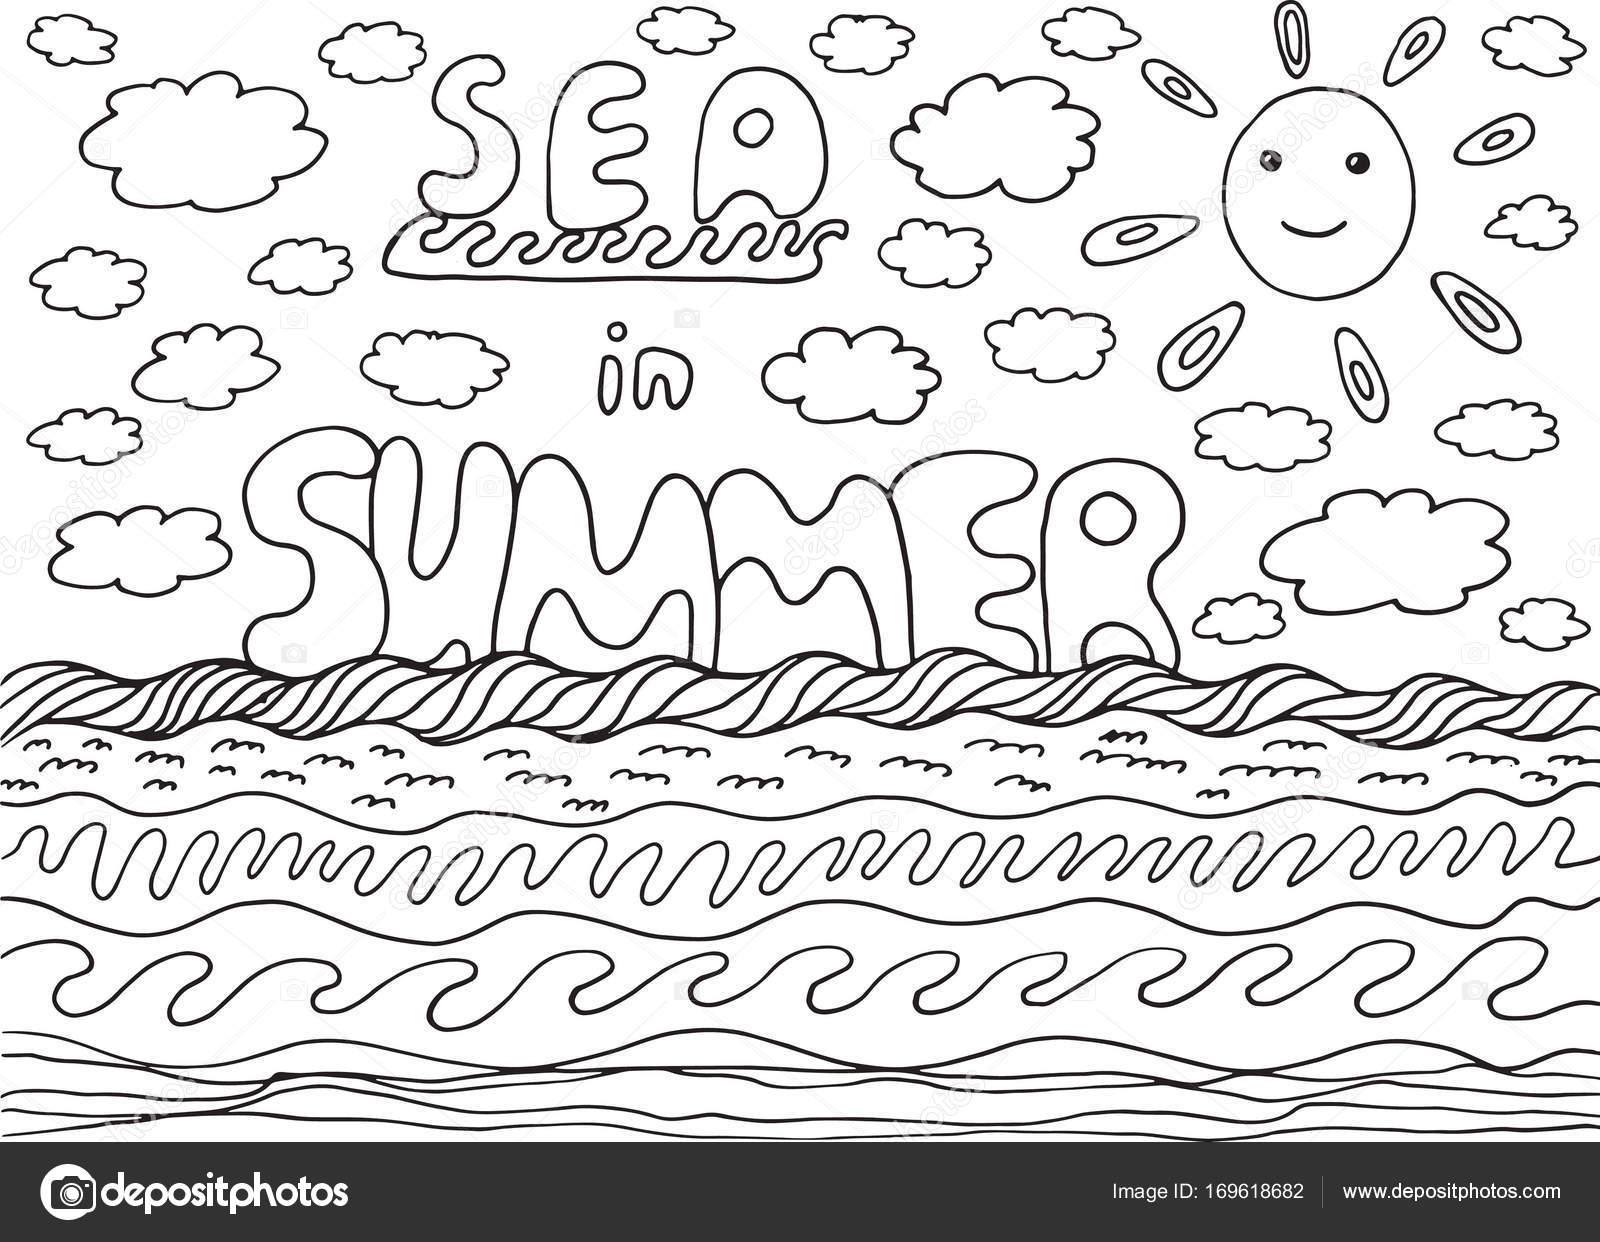 Malvorlagen mit Meer und Sommer Wörter — Stockvektor © fesleen ...